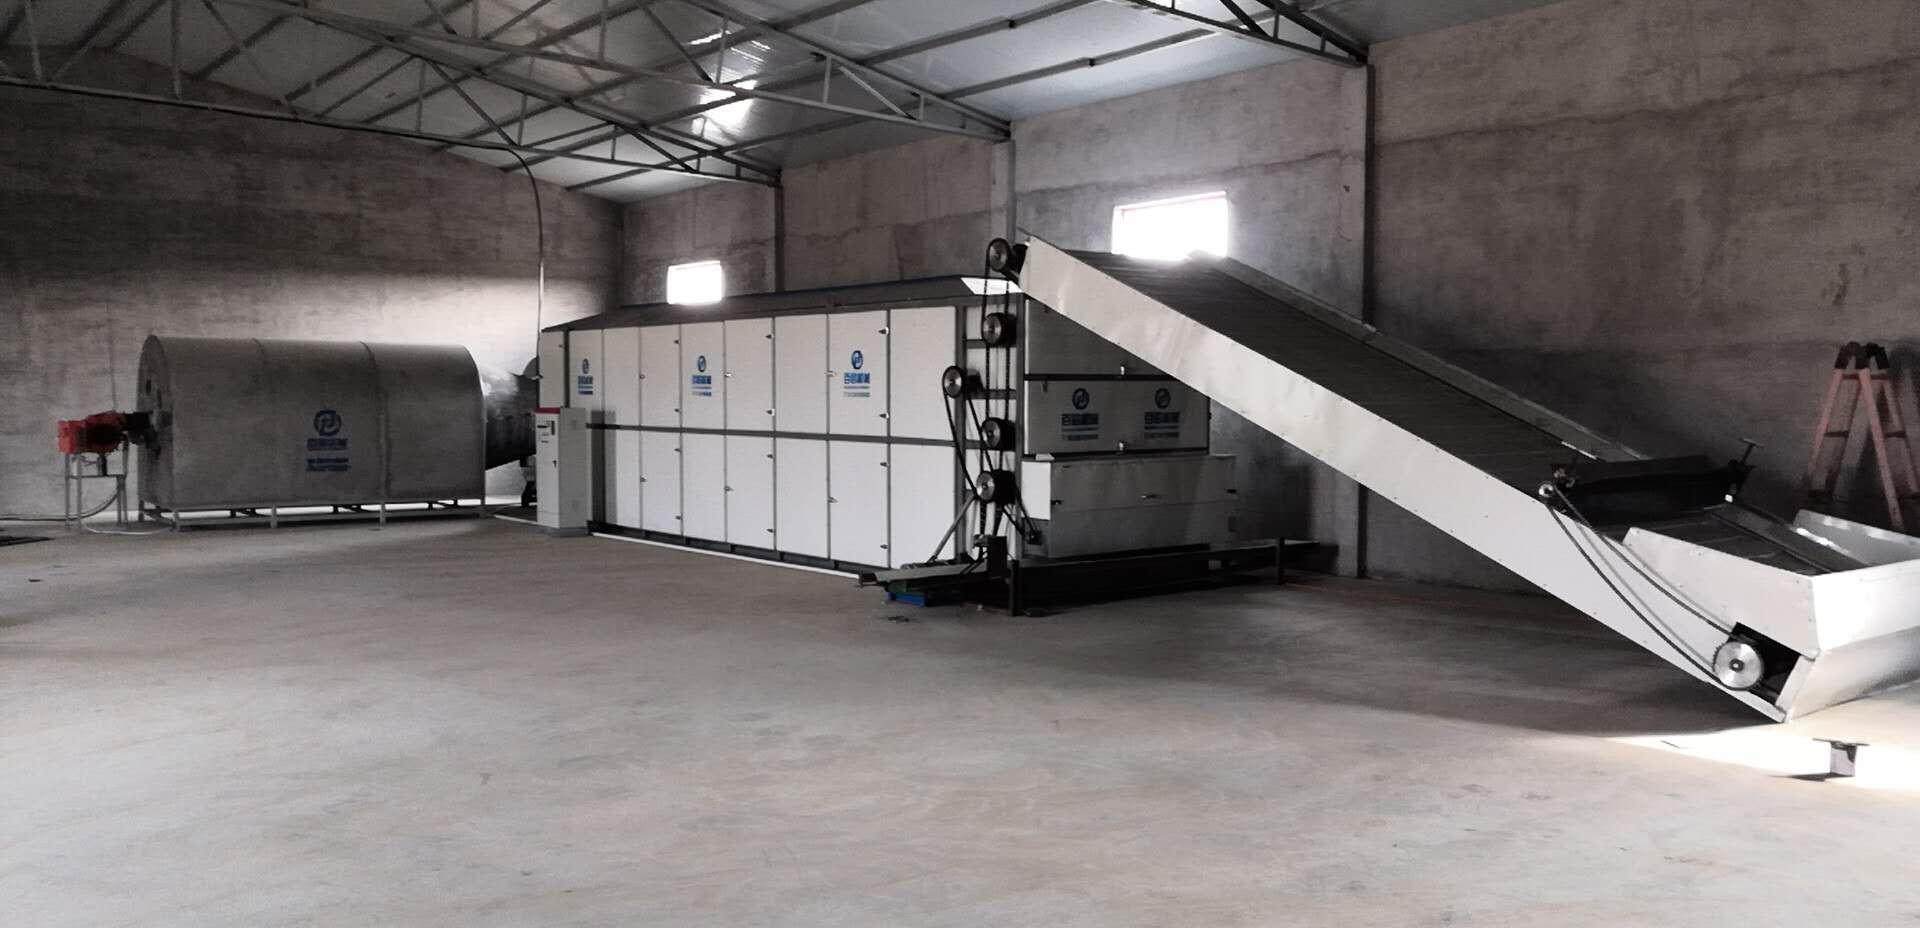 秸秆网带烘干机 多层连续式秸秆烘干机 大型秸秆带式干燥设备